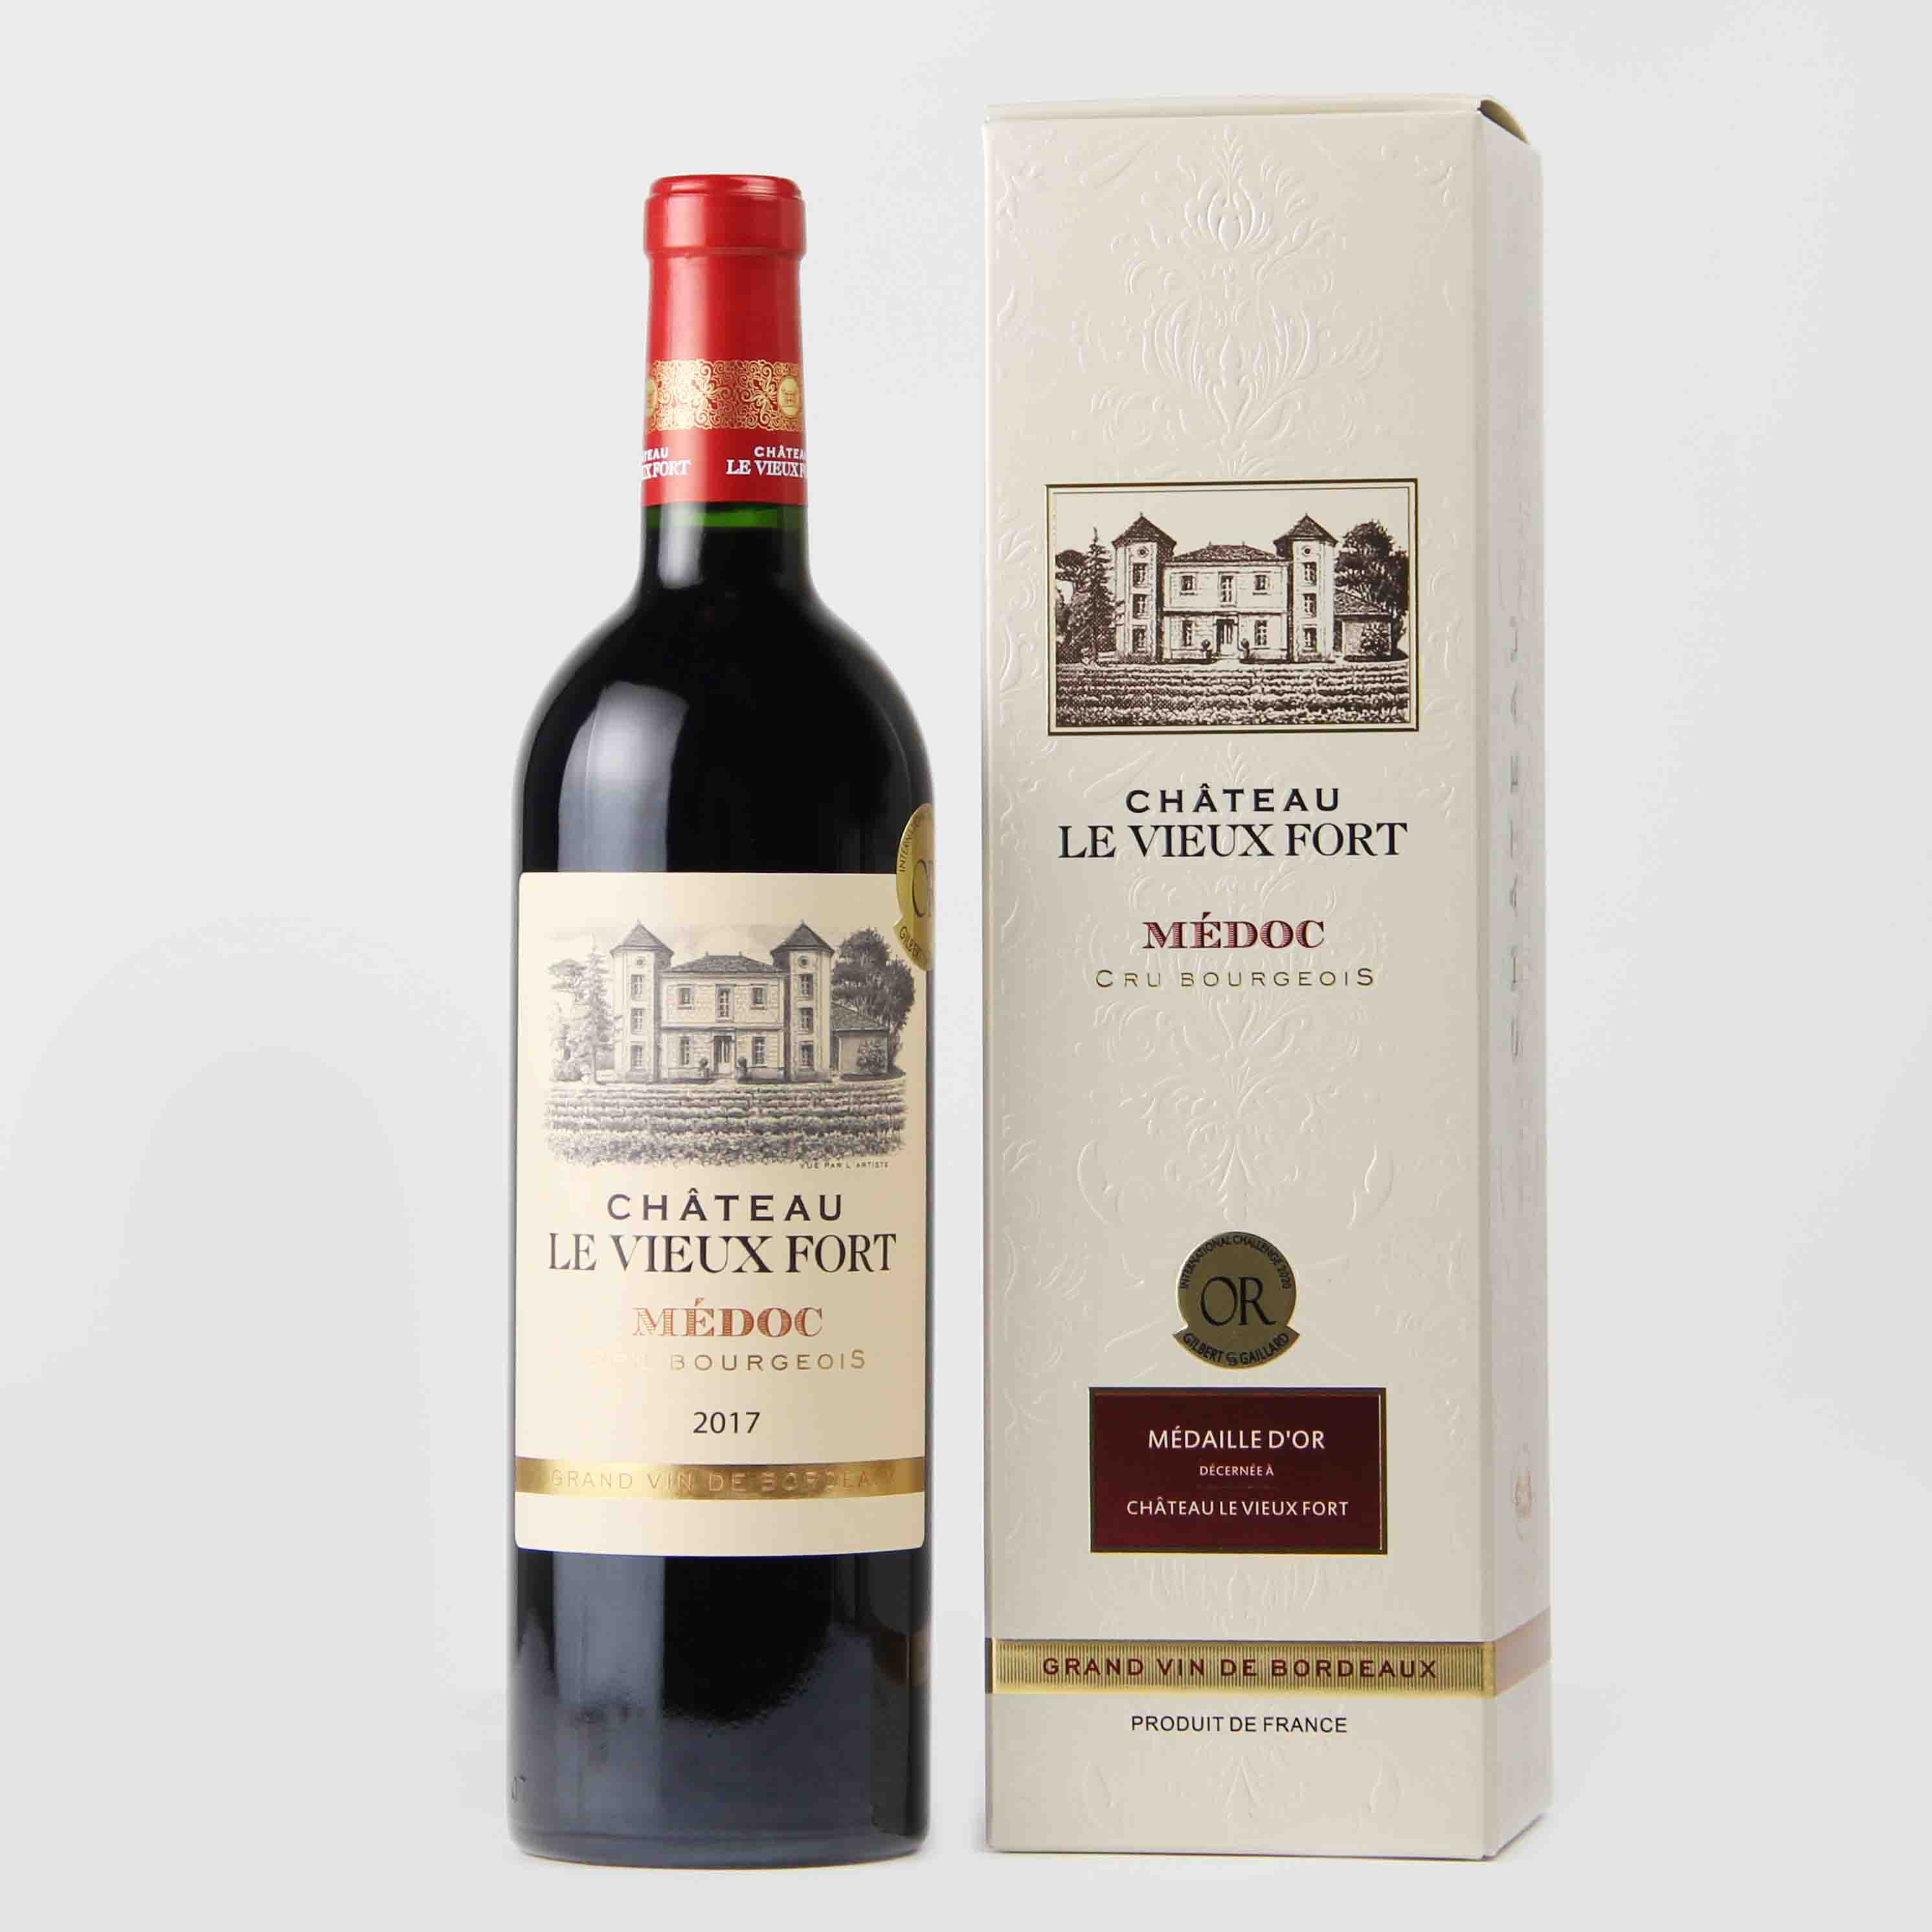 法国波尔多乐薇富梅多克中级庄AOP干红葡萄酒红酒